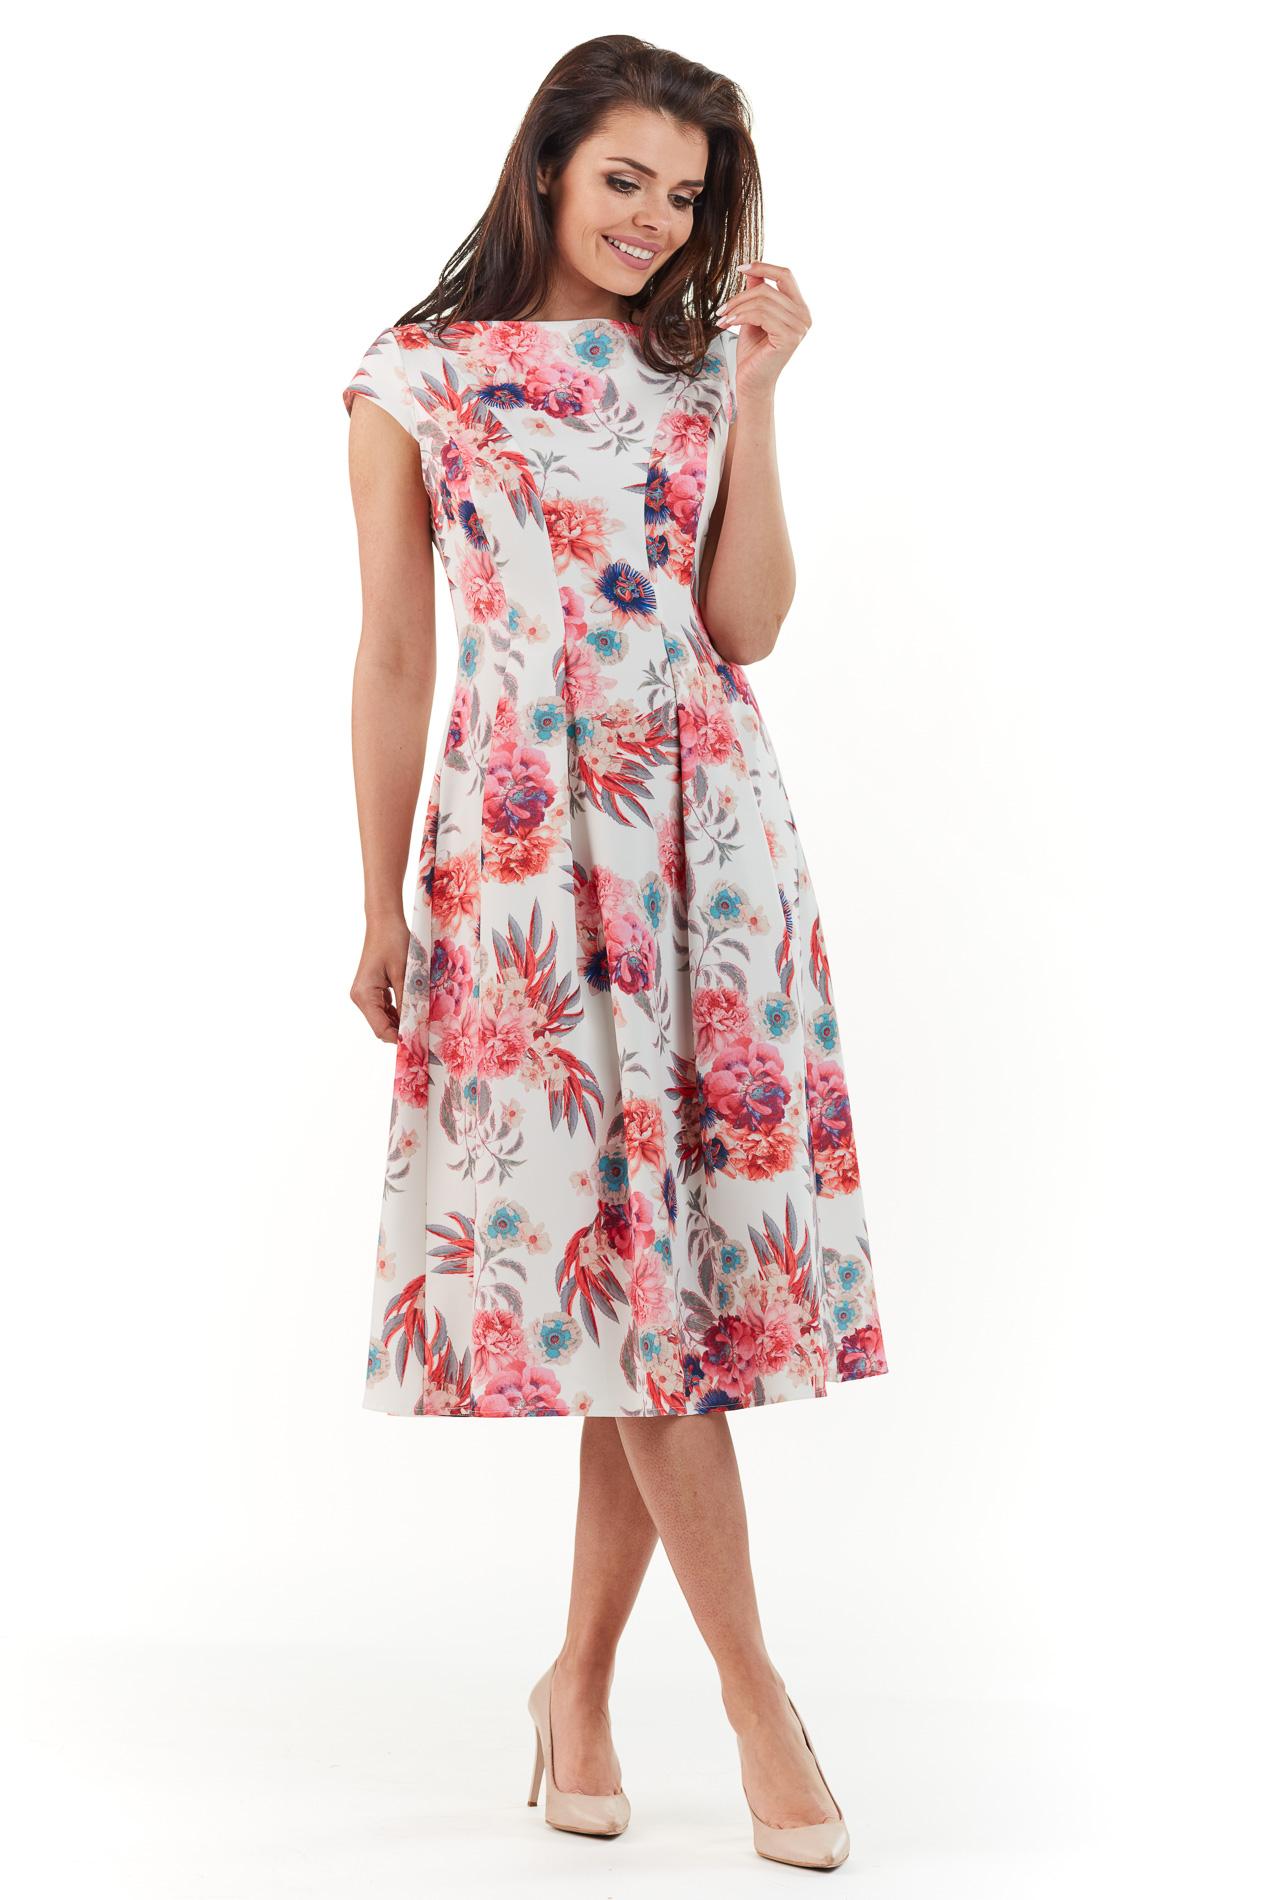 82a3e26e42 Sukienka plisowana midi na lato w kwiaty - wysyłka już od 5